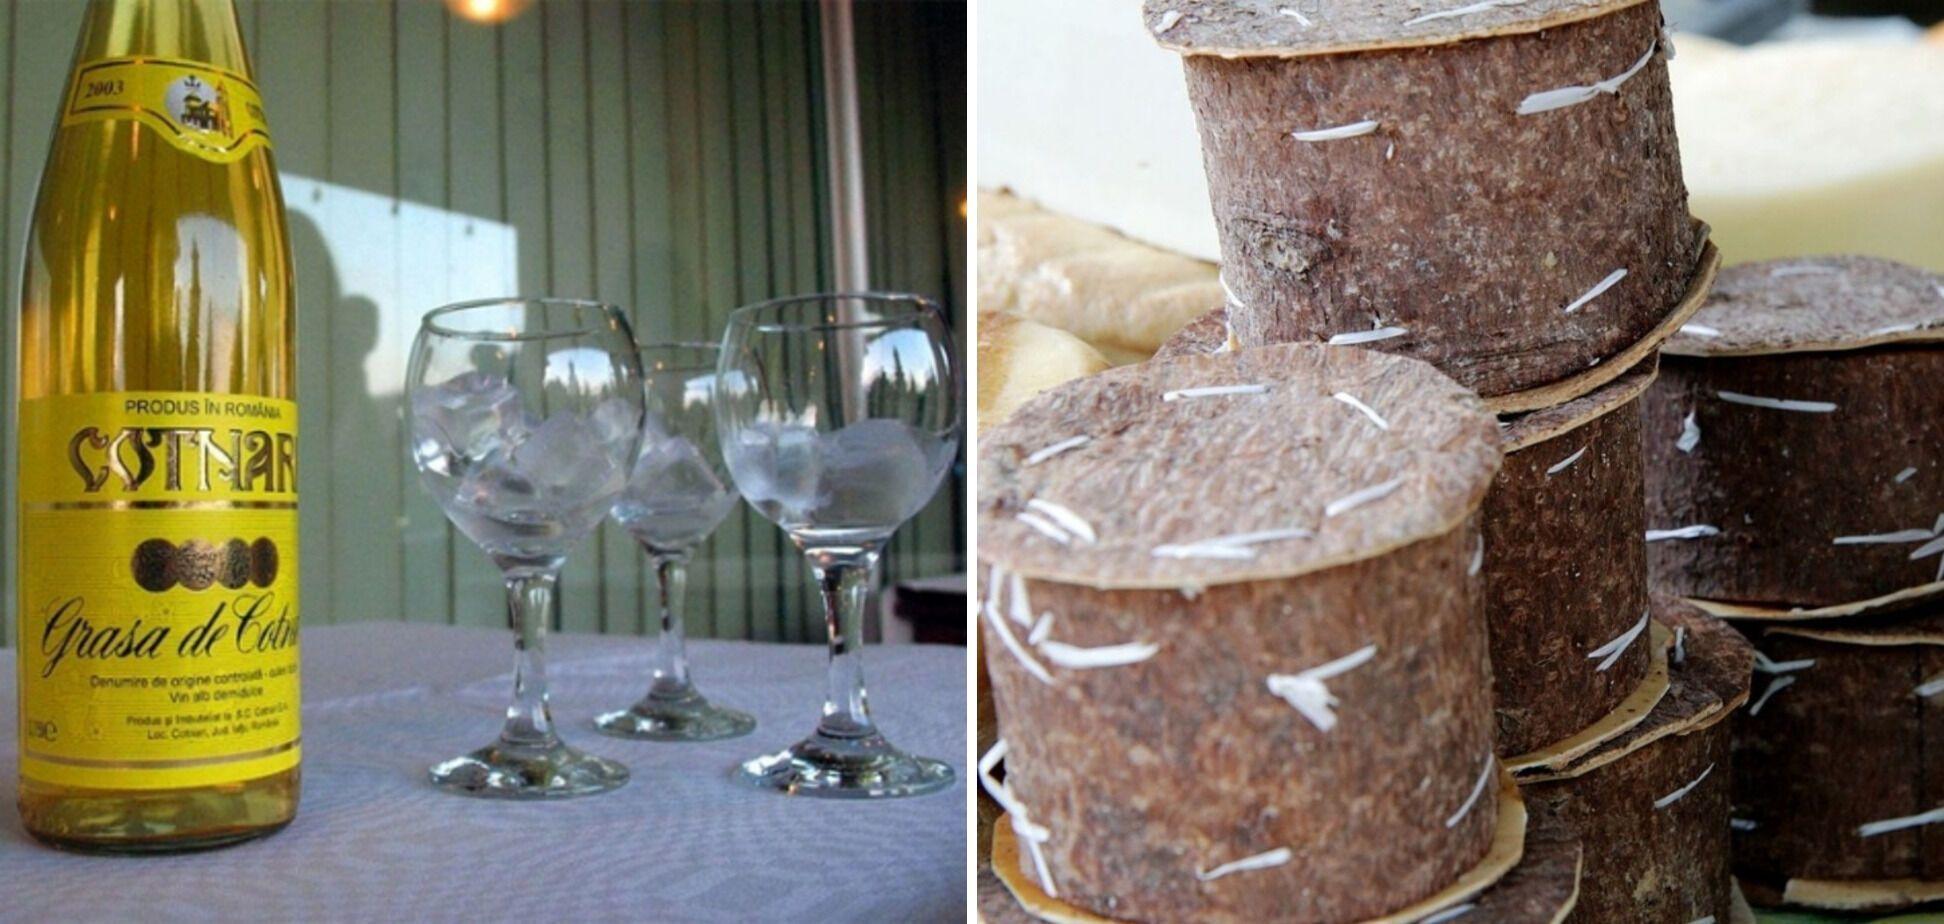 Місцеве вино та сир у ялиновій корі. Вино можна взяти і в супермаркеті, а по сир краще на базар, звісно.